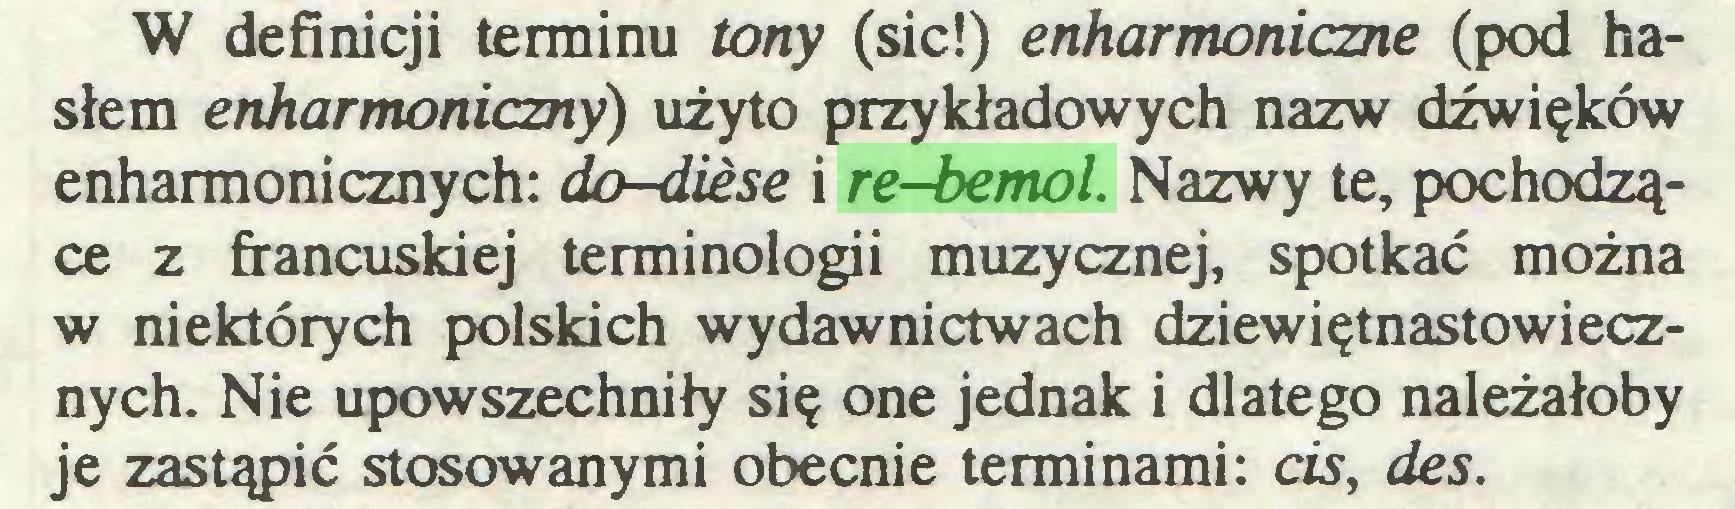 (...) W definicji terminu tony (sic!) enharmoniczne (pod hasłem enharmoniczny) użyto przykładowych nazw dźwięków enharmonicznych: do-diese i re-bemol. Nazwy te, pochodzące z francuskiej terminologii muzycznej, spotkać można w niektórych polskich wydawnictwach dziewiętnastowiecznych. Nie upowszechniły się one jednak i dlatego należałoby je zastąpić stosowanymi obecnie terminami: cis, des...